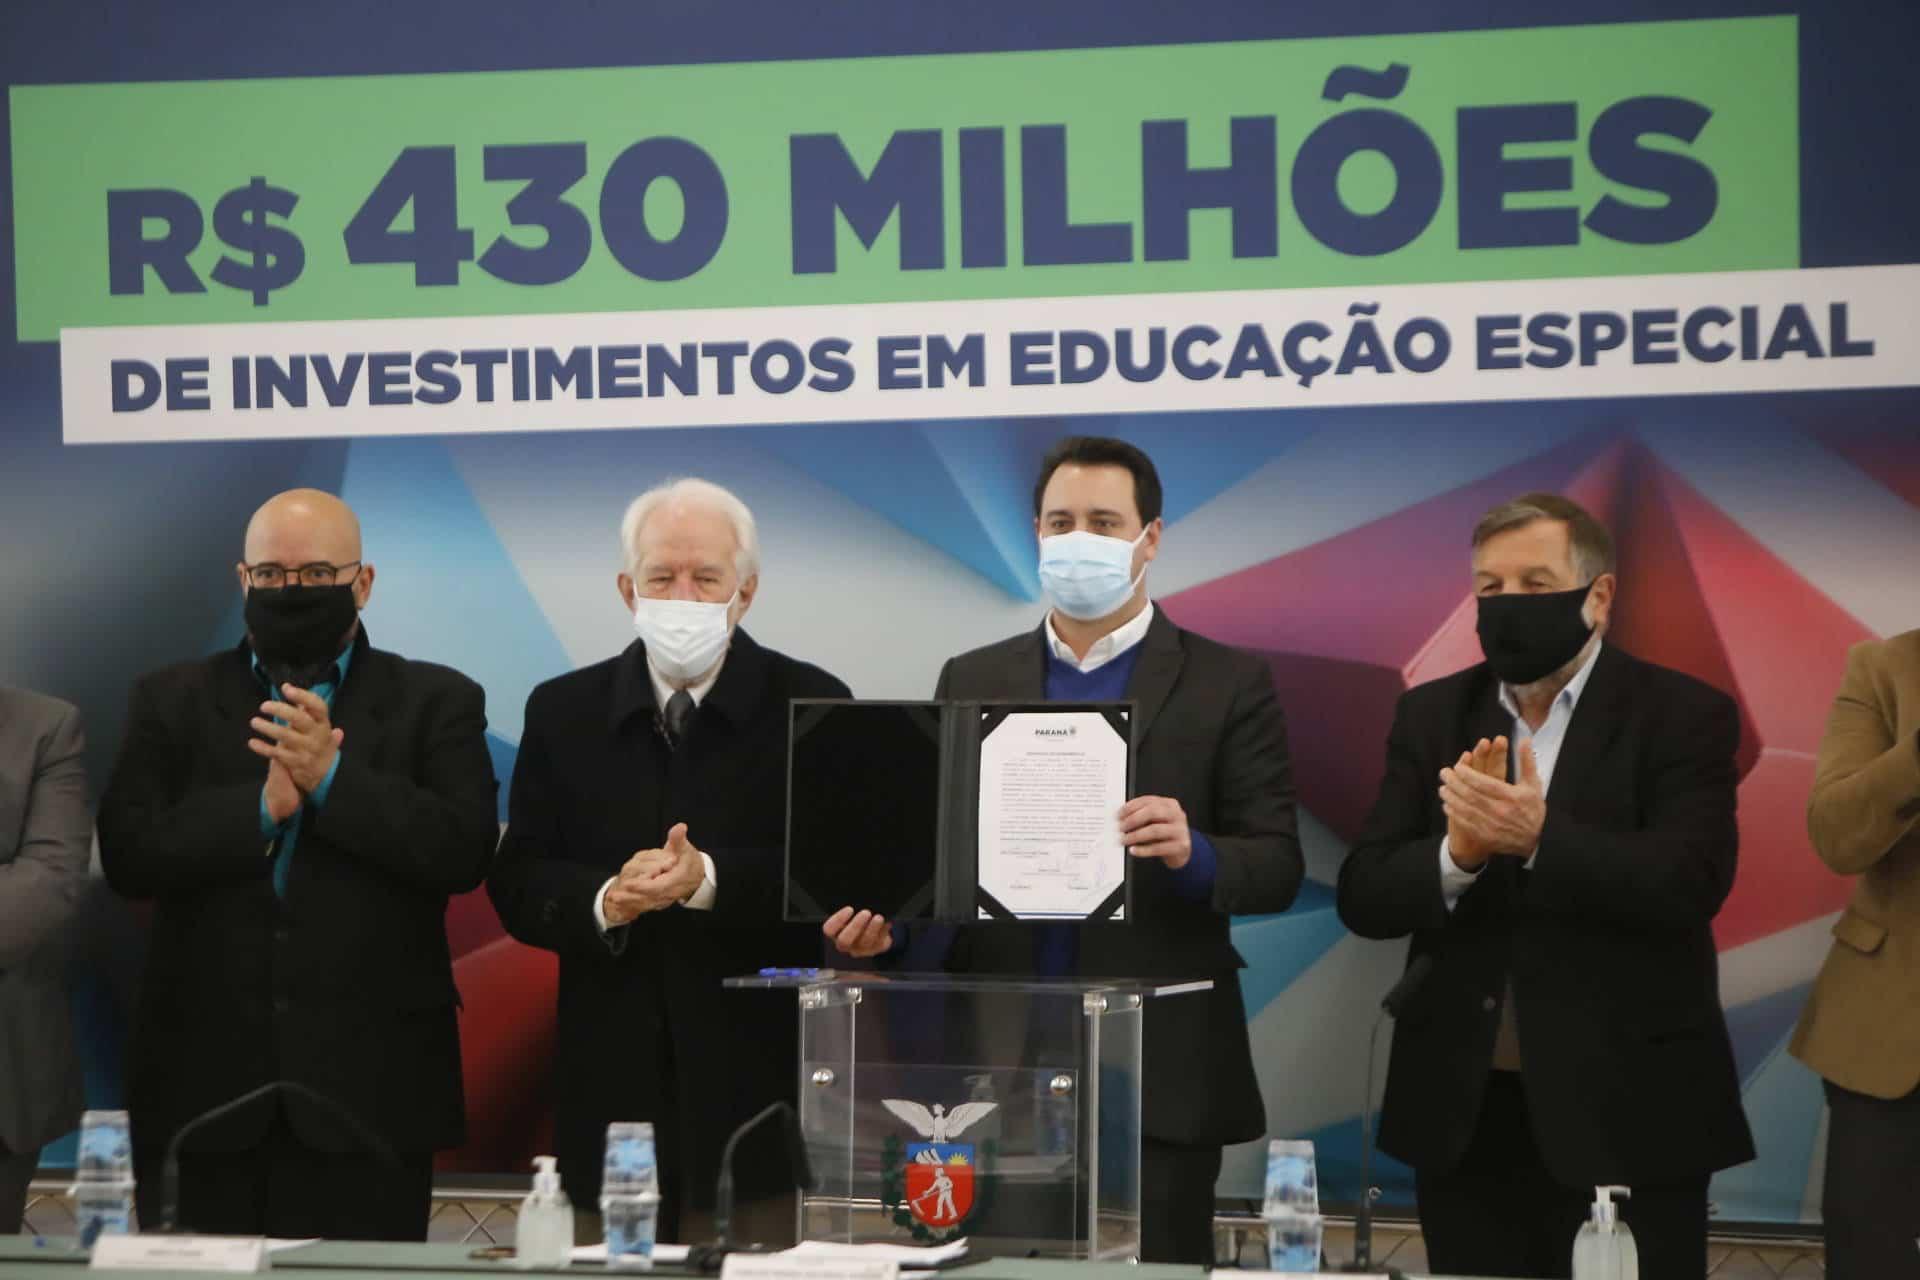 Educação especial do Paraná receberá o investimento de aproximadamente R$ 432,3 milhões do Governo do Estado